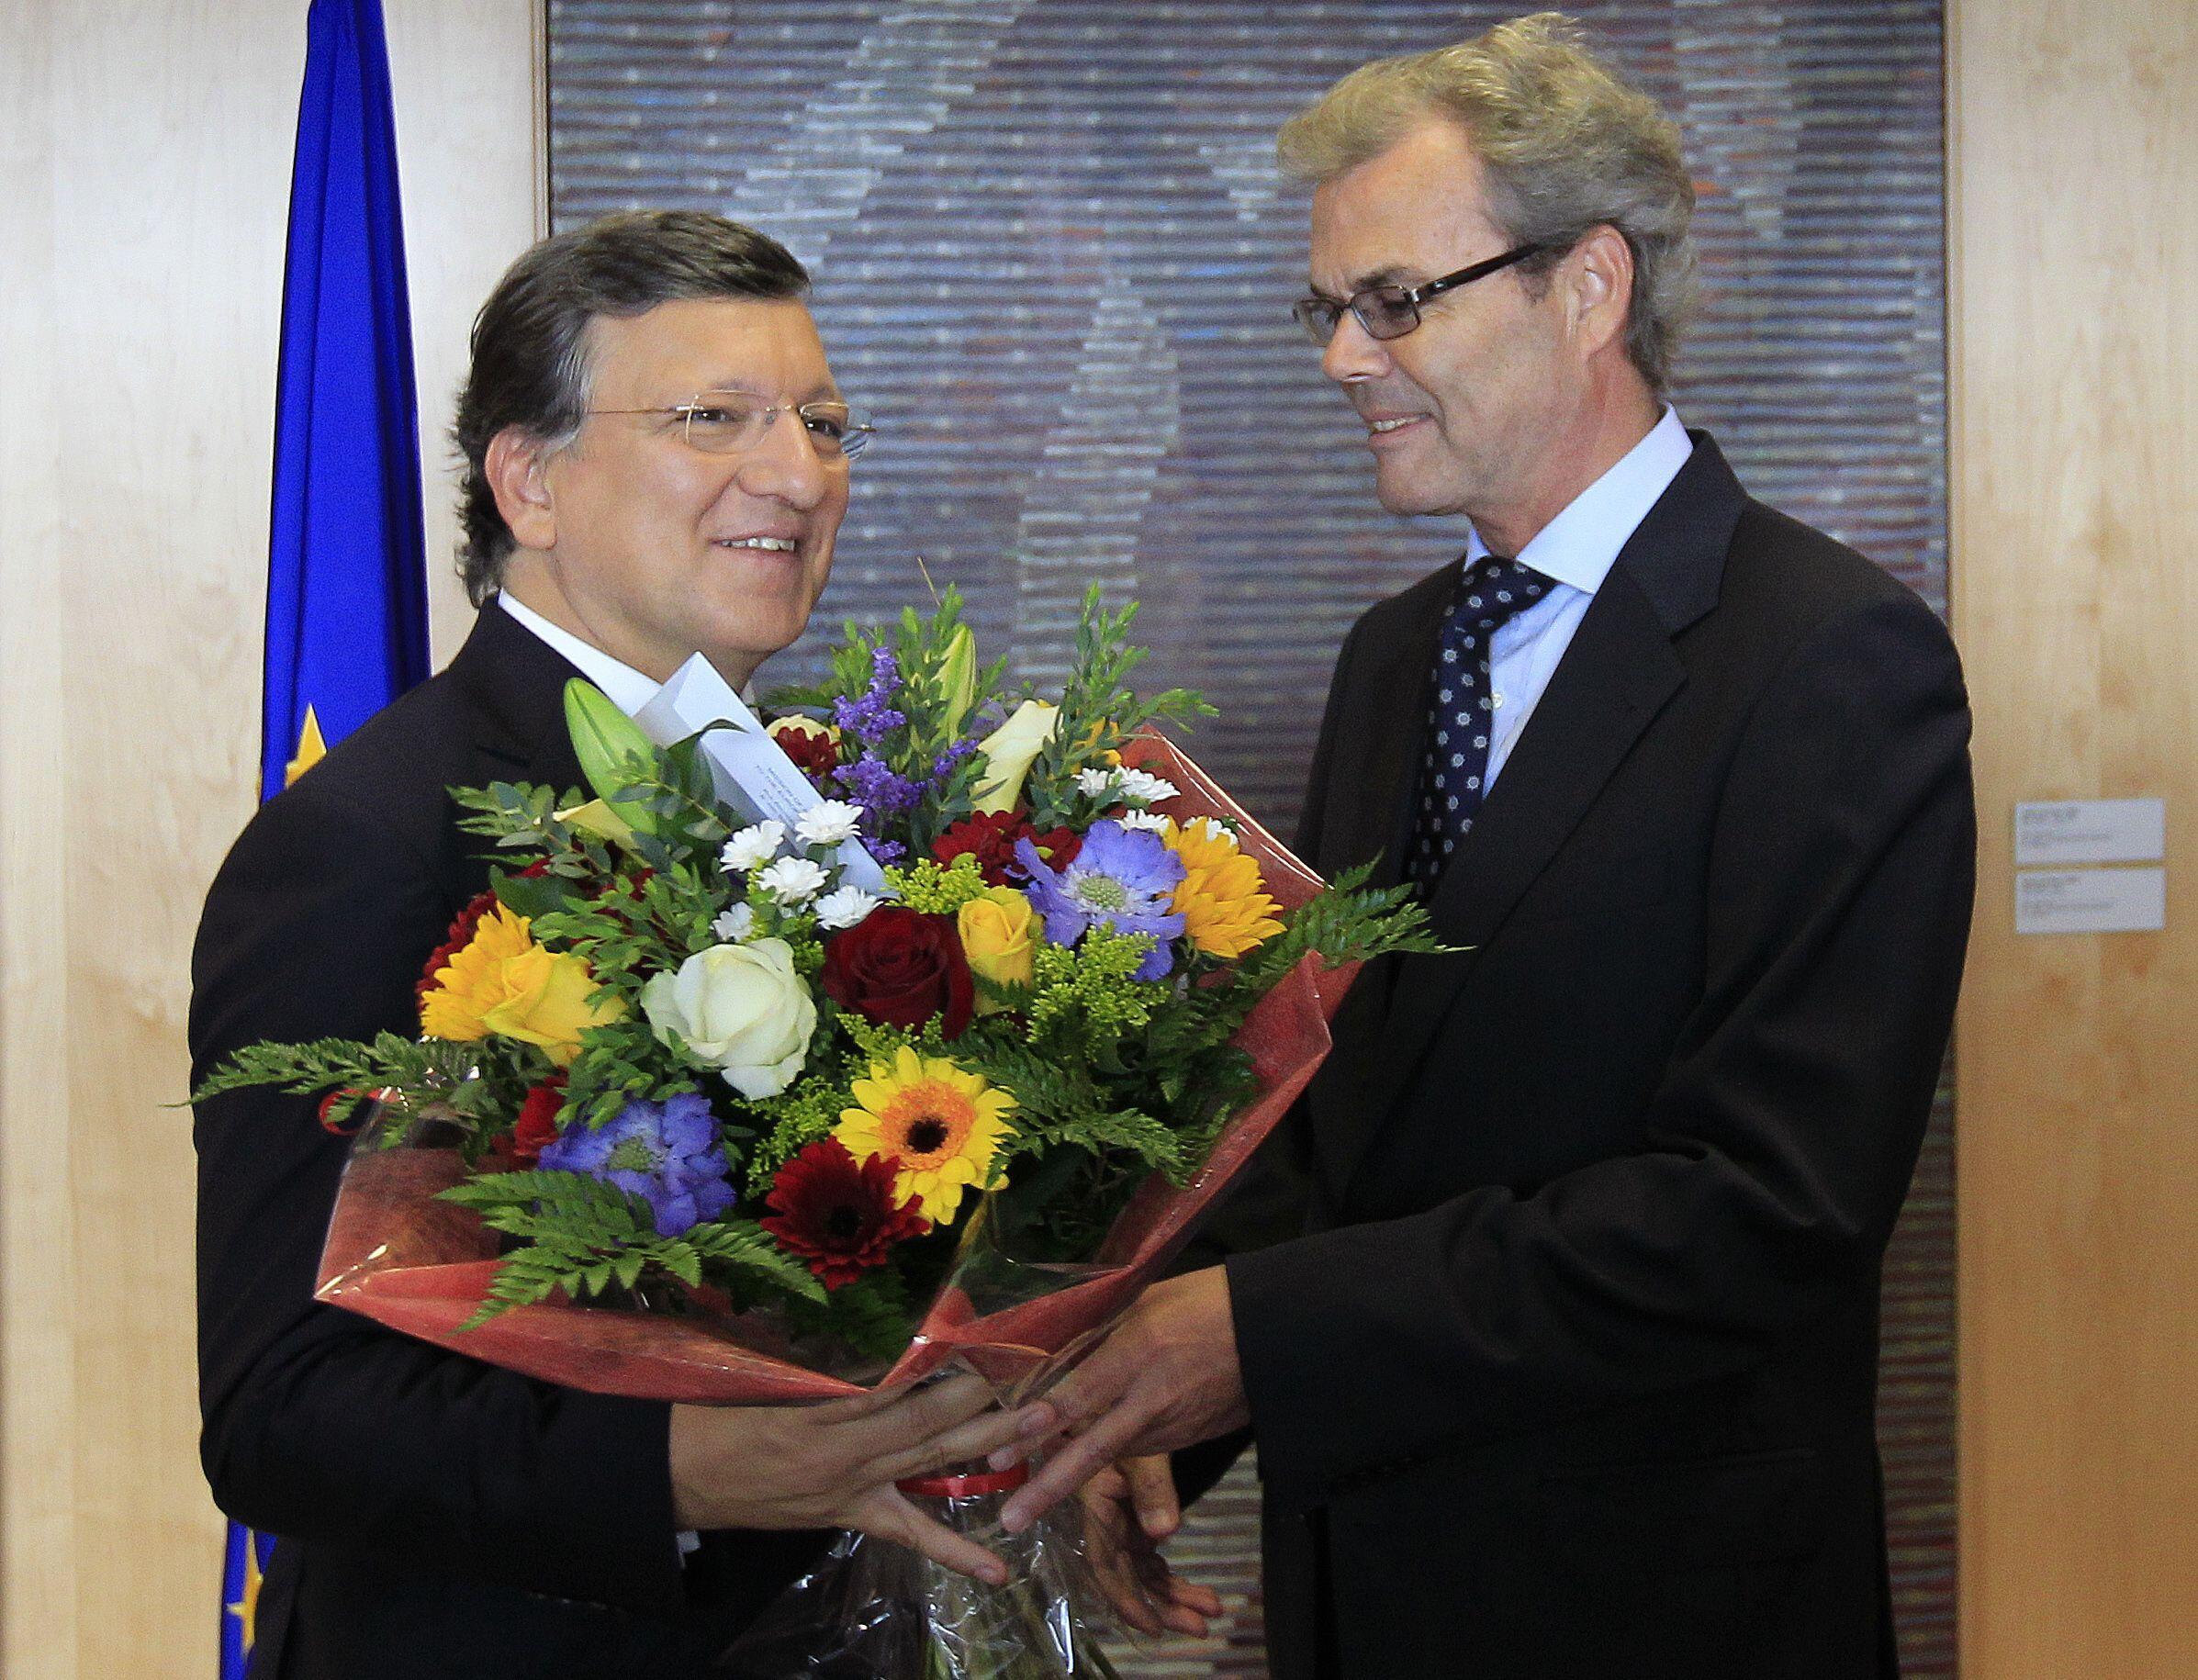 Жозе Мануэл Баррозу - президент Еврокомиссии принимает поздравления норвежского посла при Евросоюзе 12/10/2012